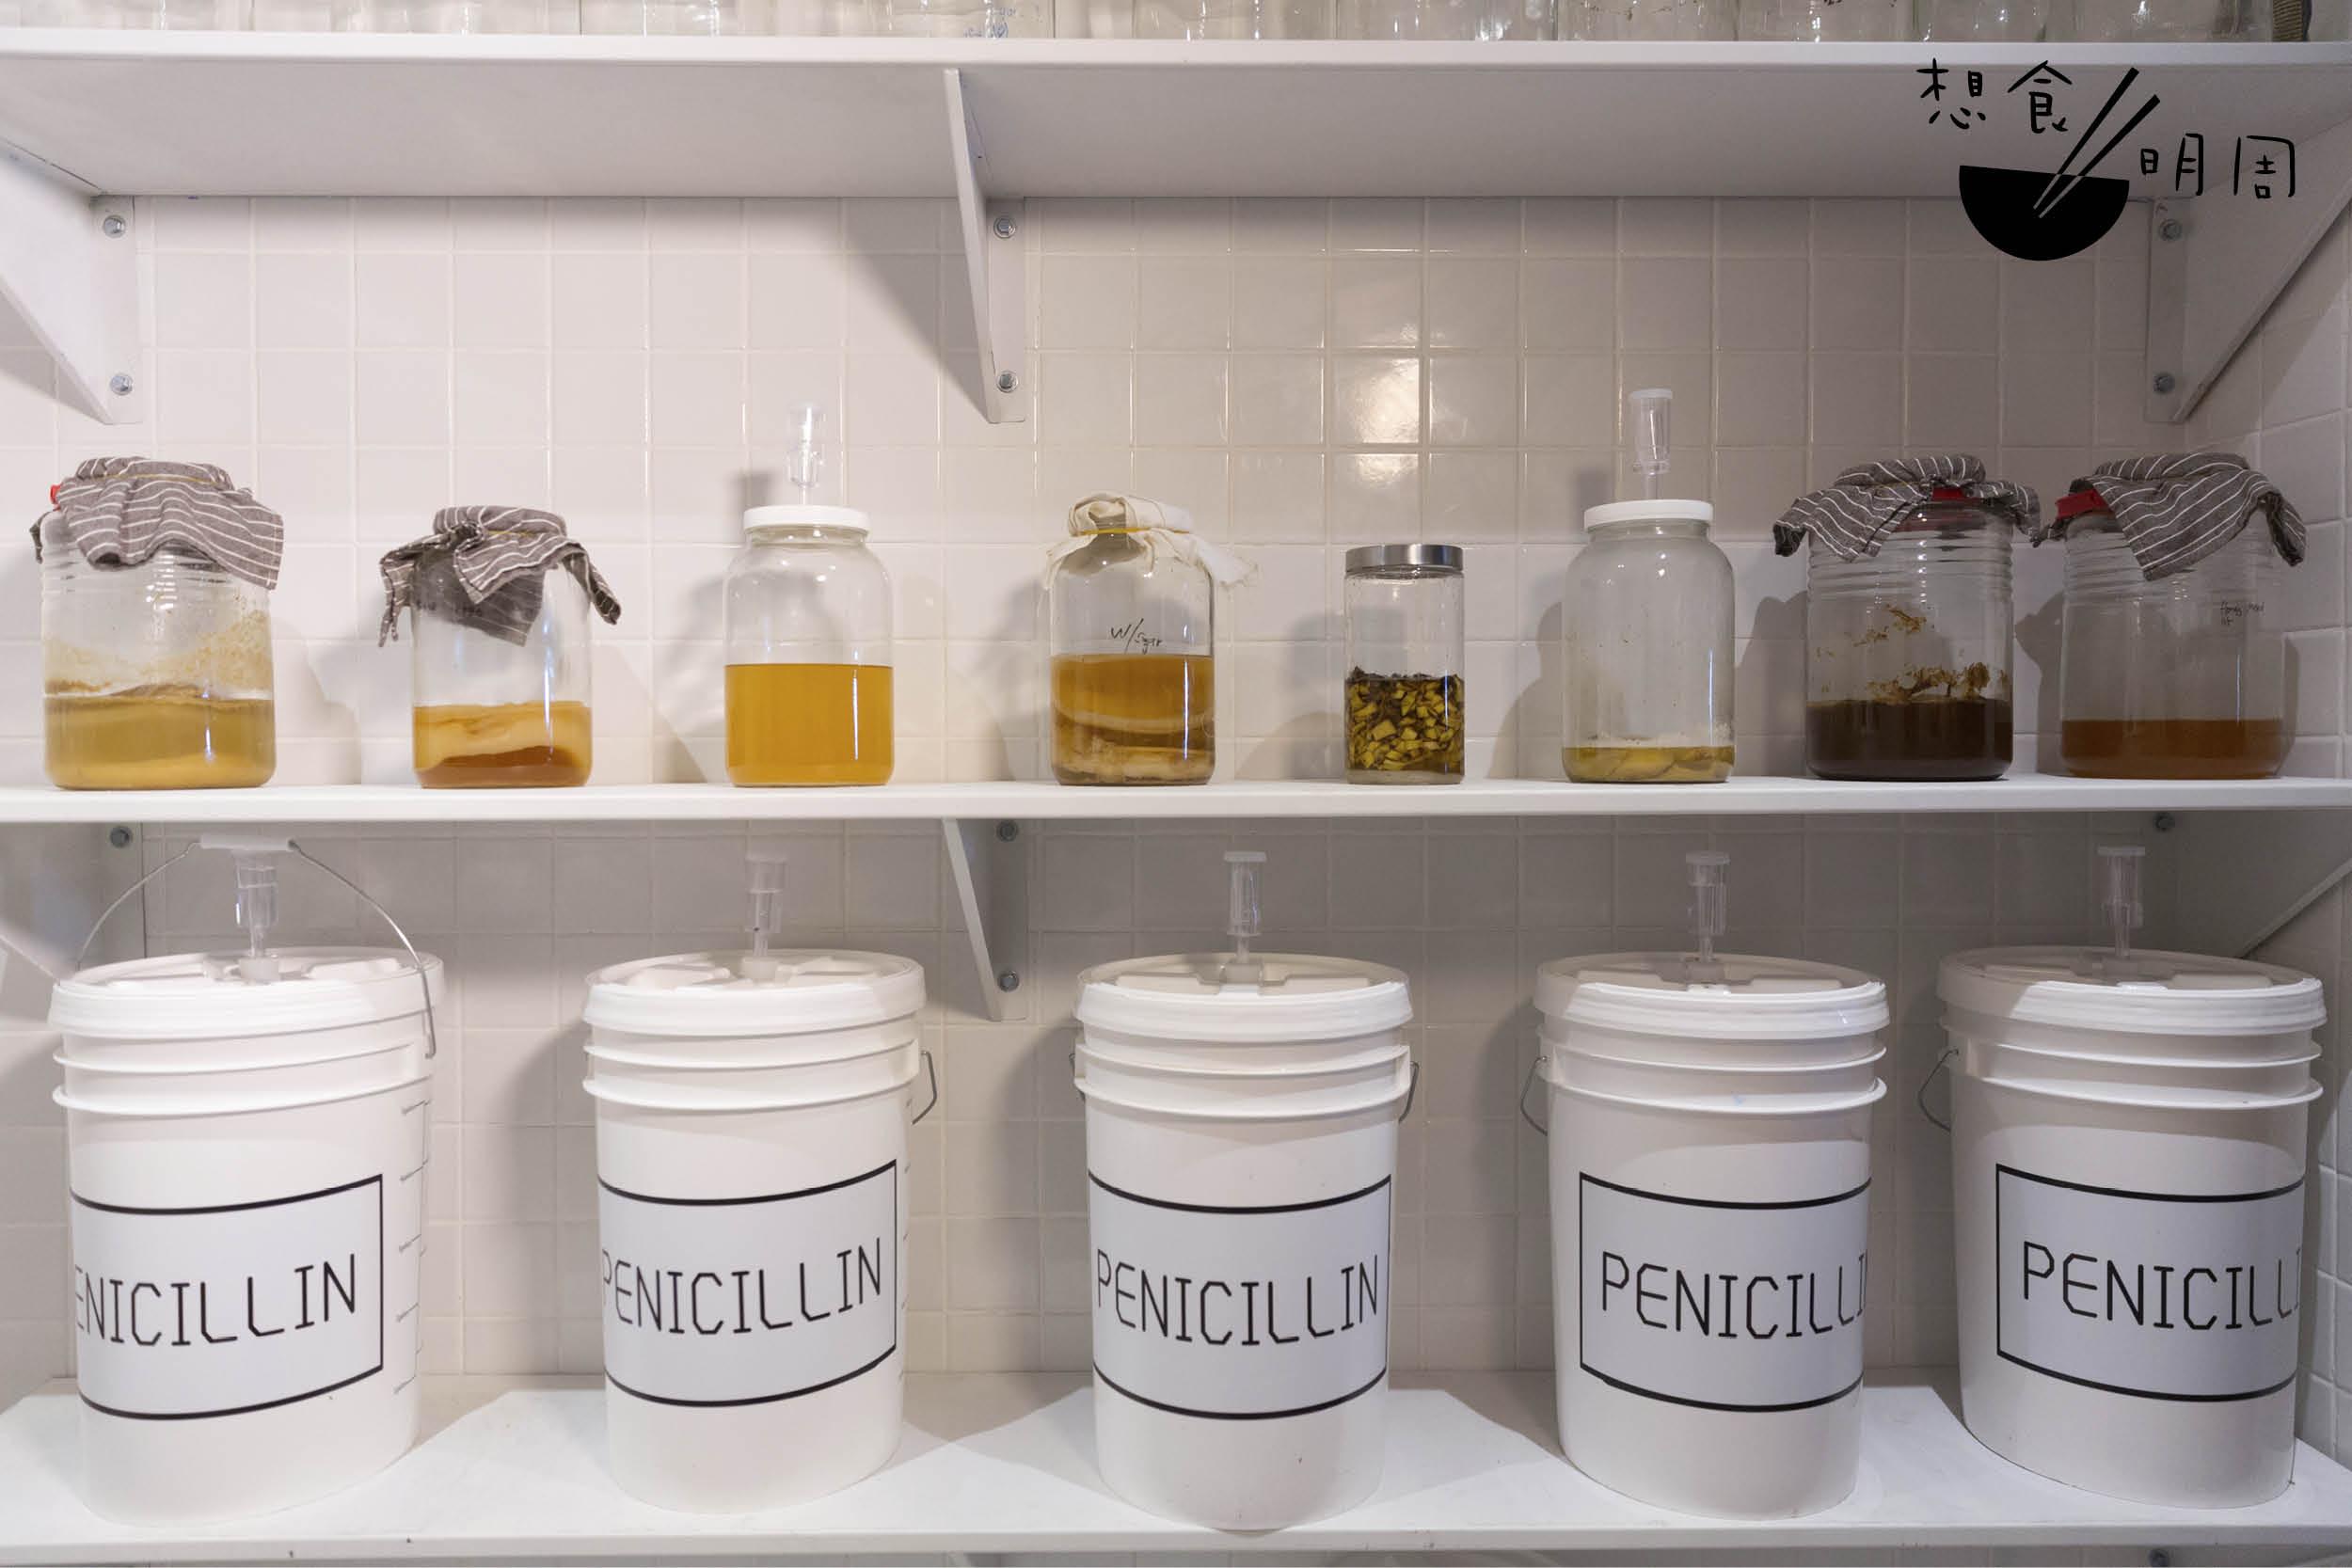 酒吧內特別預留空間作為發酵室,研究各類發酵法,把廚餘升級成各款發酵酒,或是配搭小食的漬物。